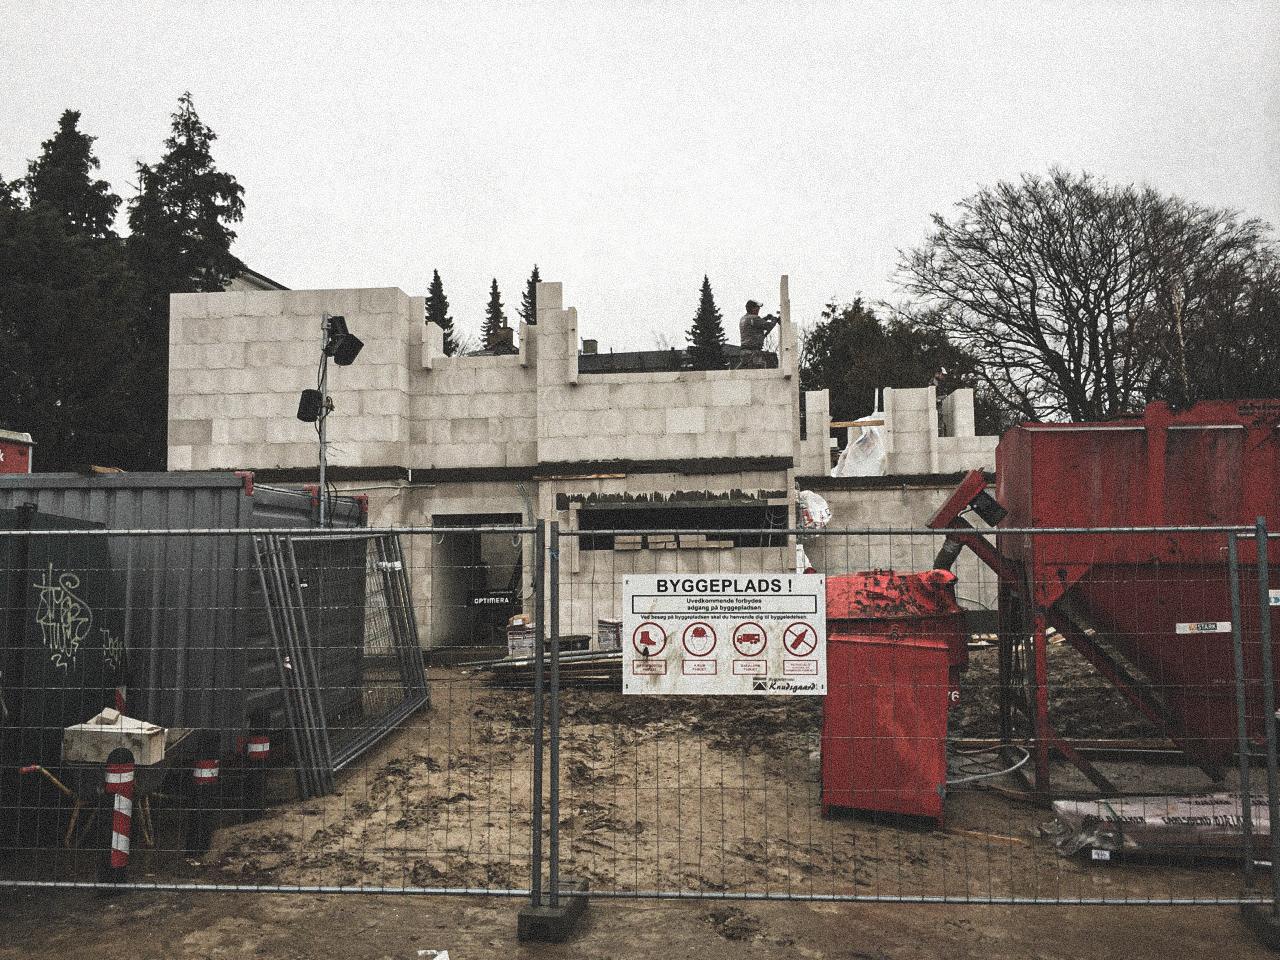 Billede af et igangværende byggeri i Status Gentofte, tegnet af arkitektfirmaet m2plus.